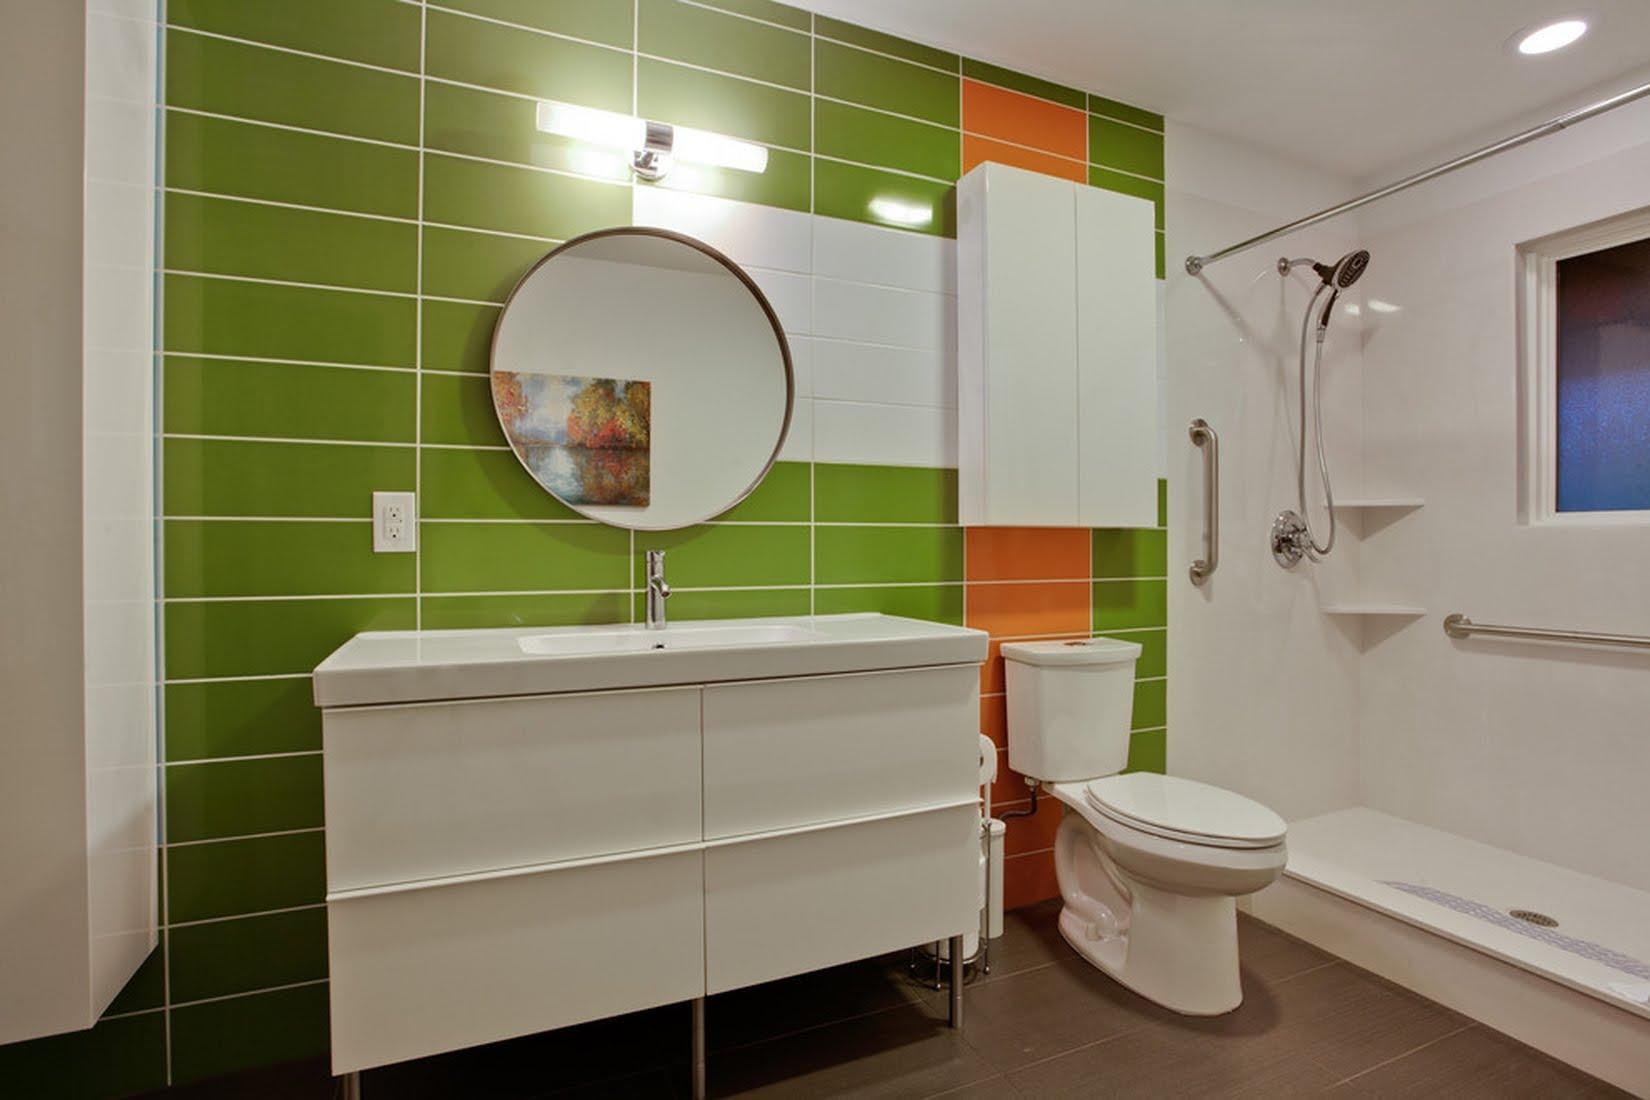 Салатовая плитка в интерьере ванной